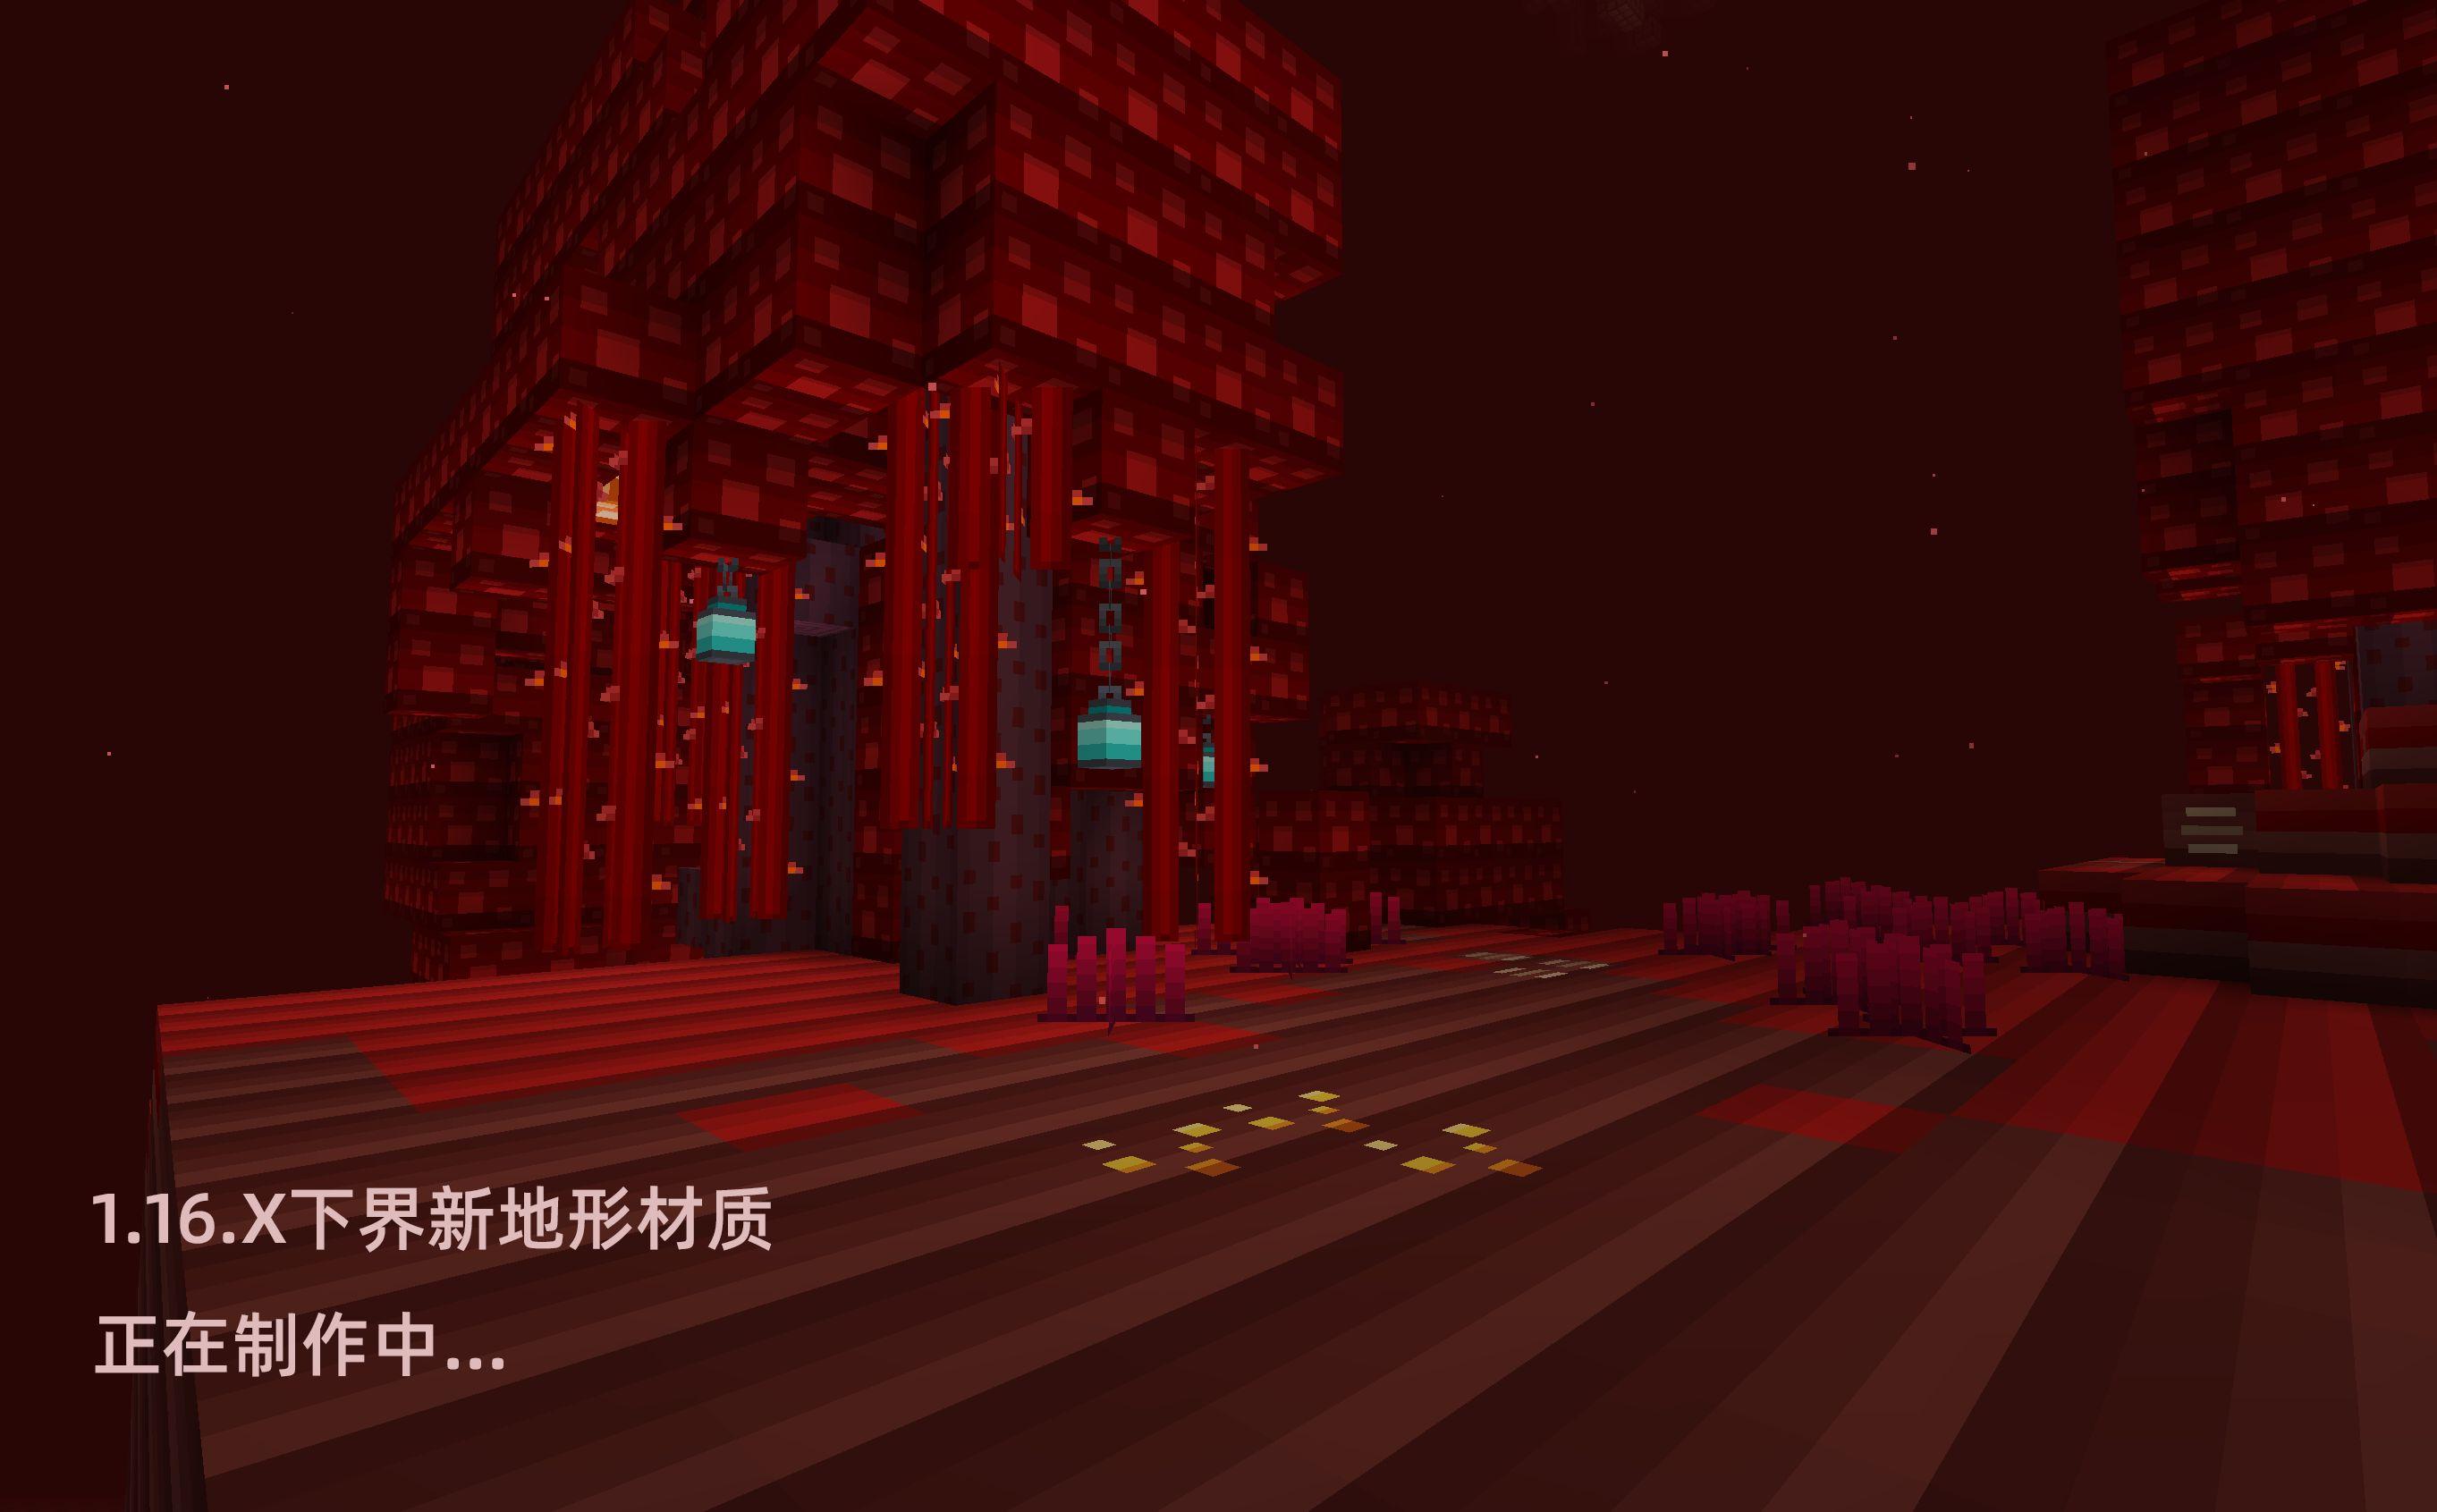 file_1613686588000.jpg